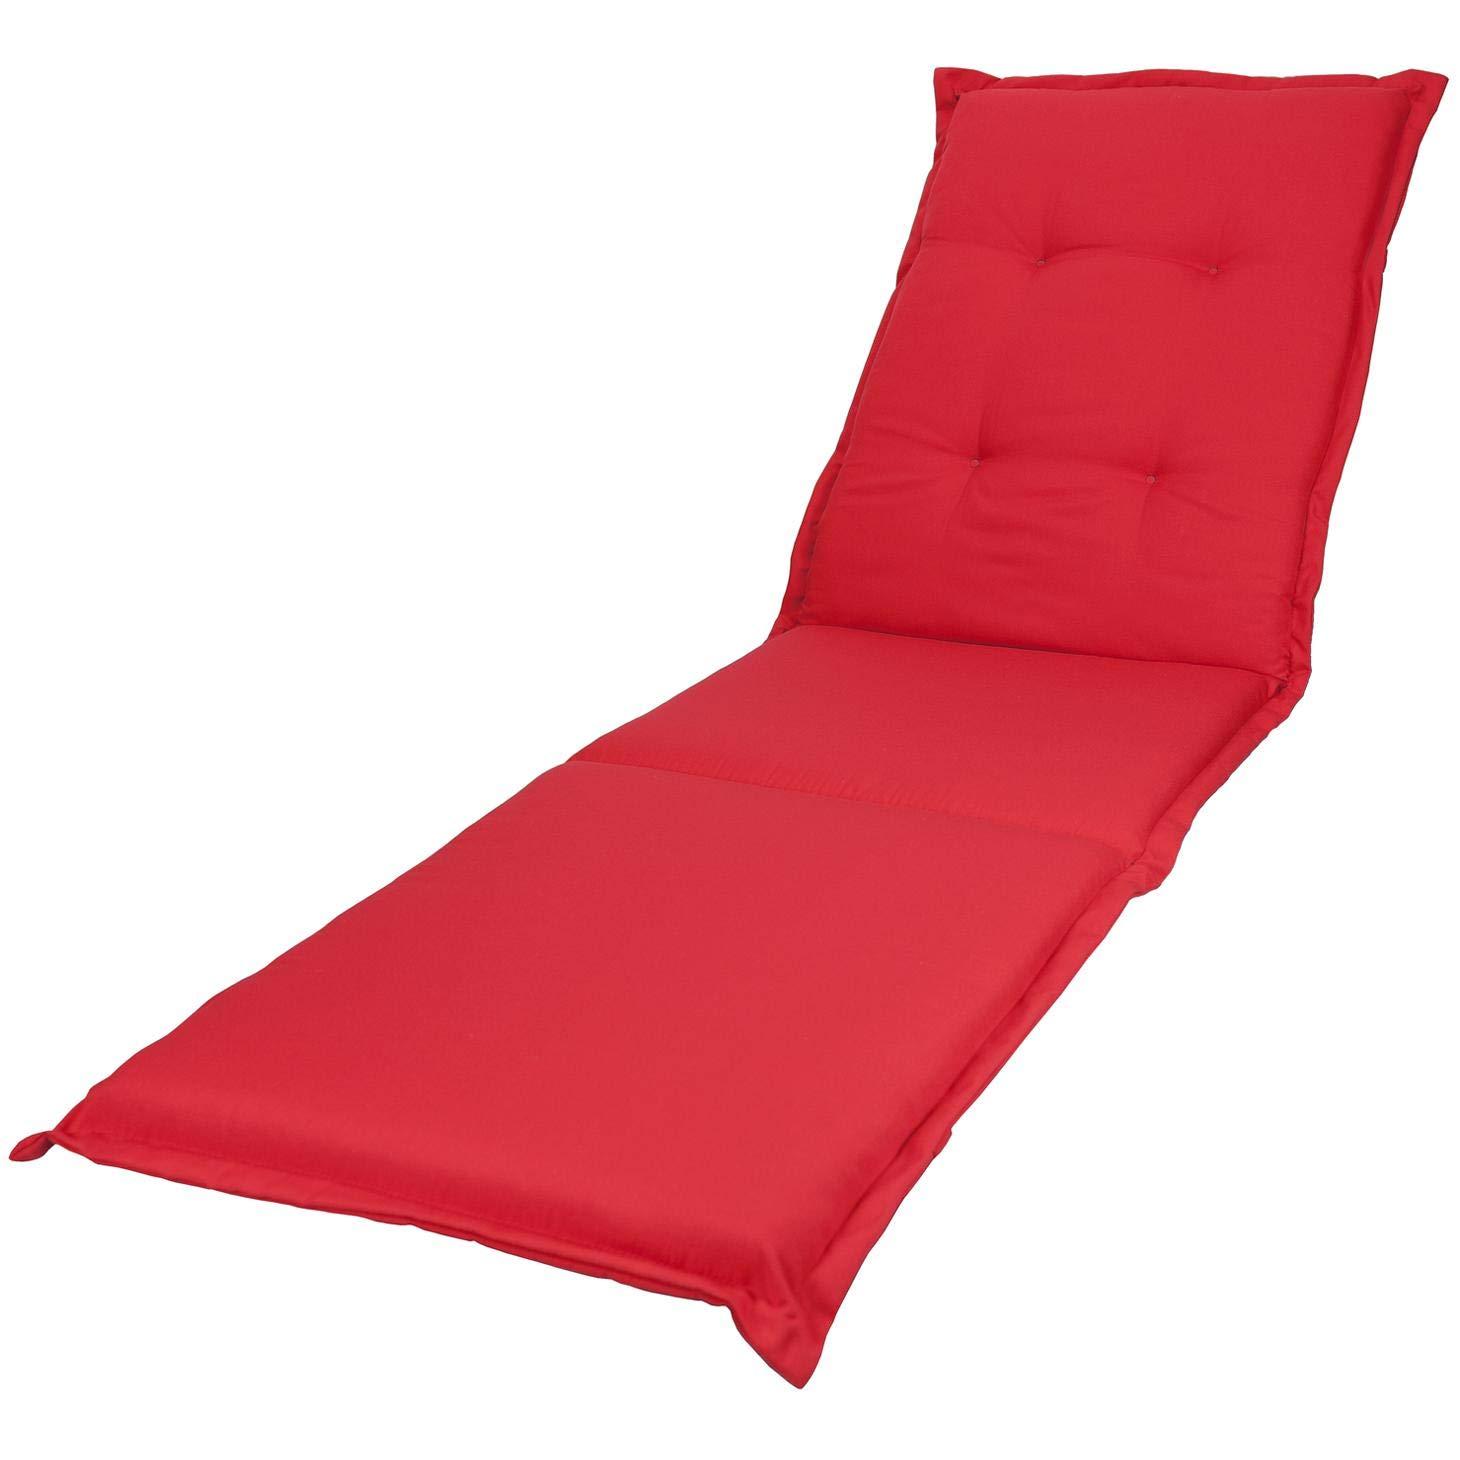 KOPU® Auflage Gartenliege Prisma Red   Liegenauflagen für Gartenmöbel   Rot Liegen Kissen 195 x 60 cm   19 einfache Farben   Robuster Schaumstoff für zusätzlichen Komfort